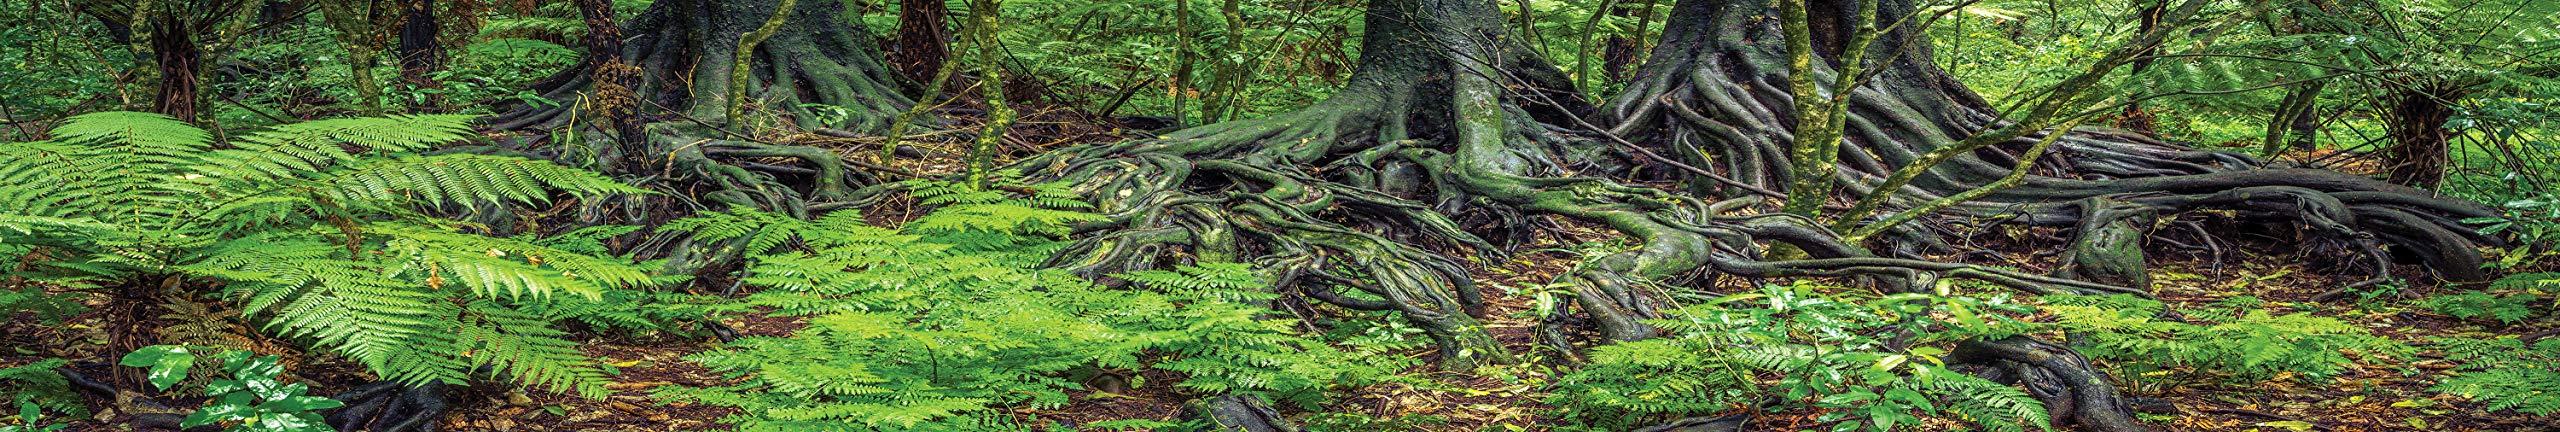 Carolina Custom Cages Reptile Habitat Background; Rain Forest Ferns & Roots, for 48Lx24Wx18H Terrarium, 3-Sided Wraparound by Carolina Custom Cages